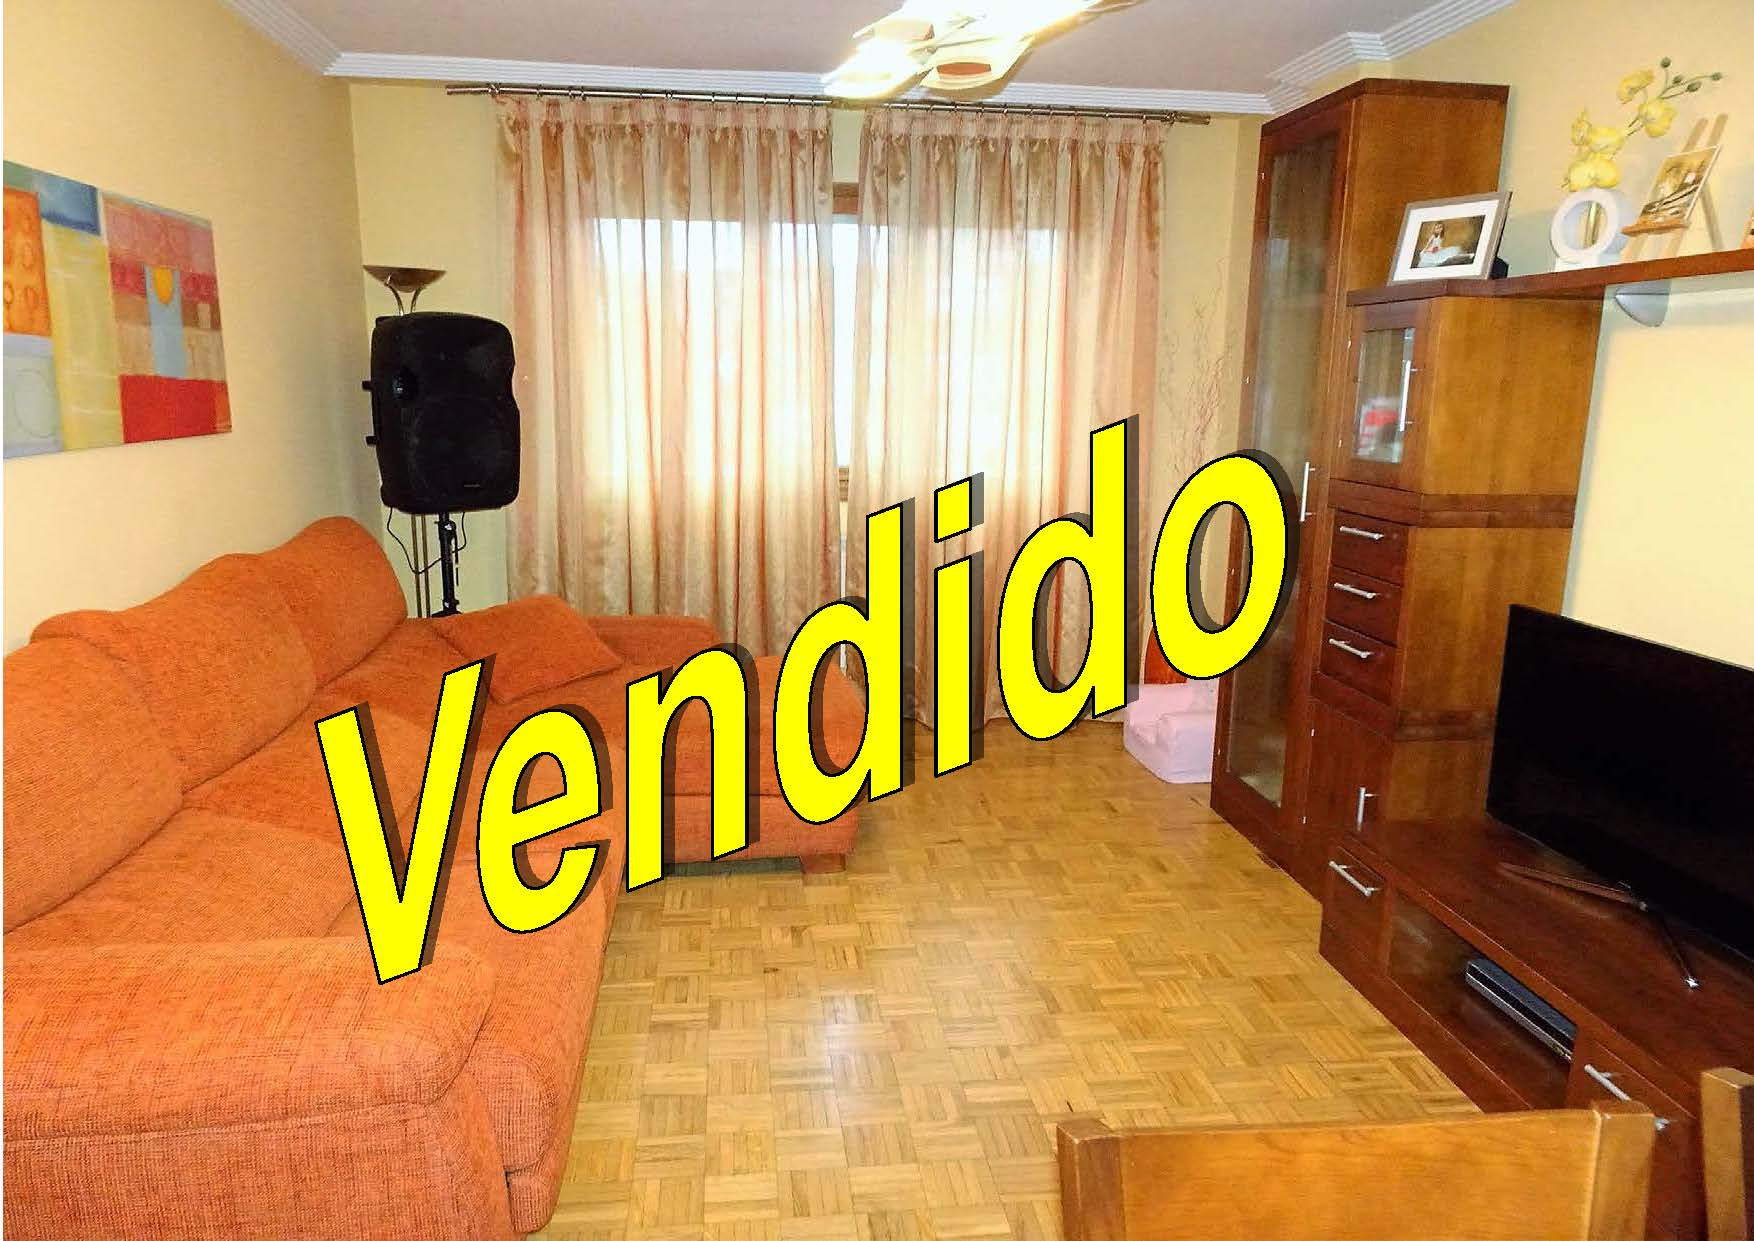 Venta piso Avda. Constitución